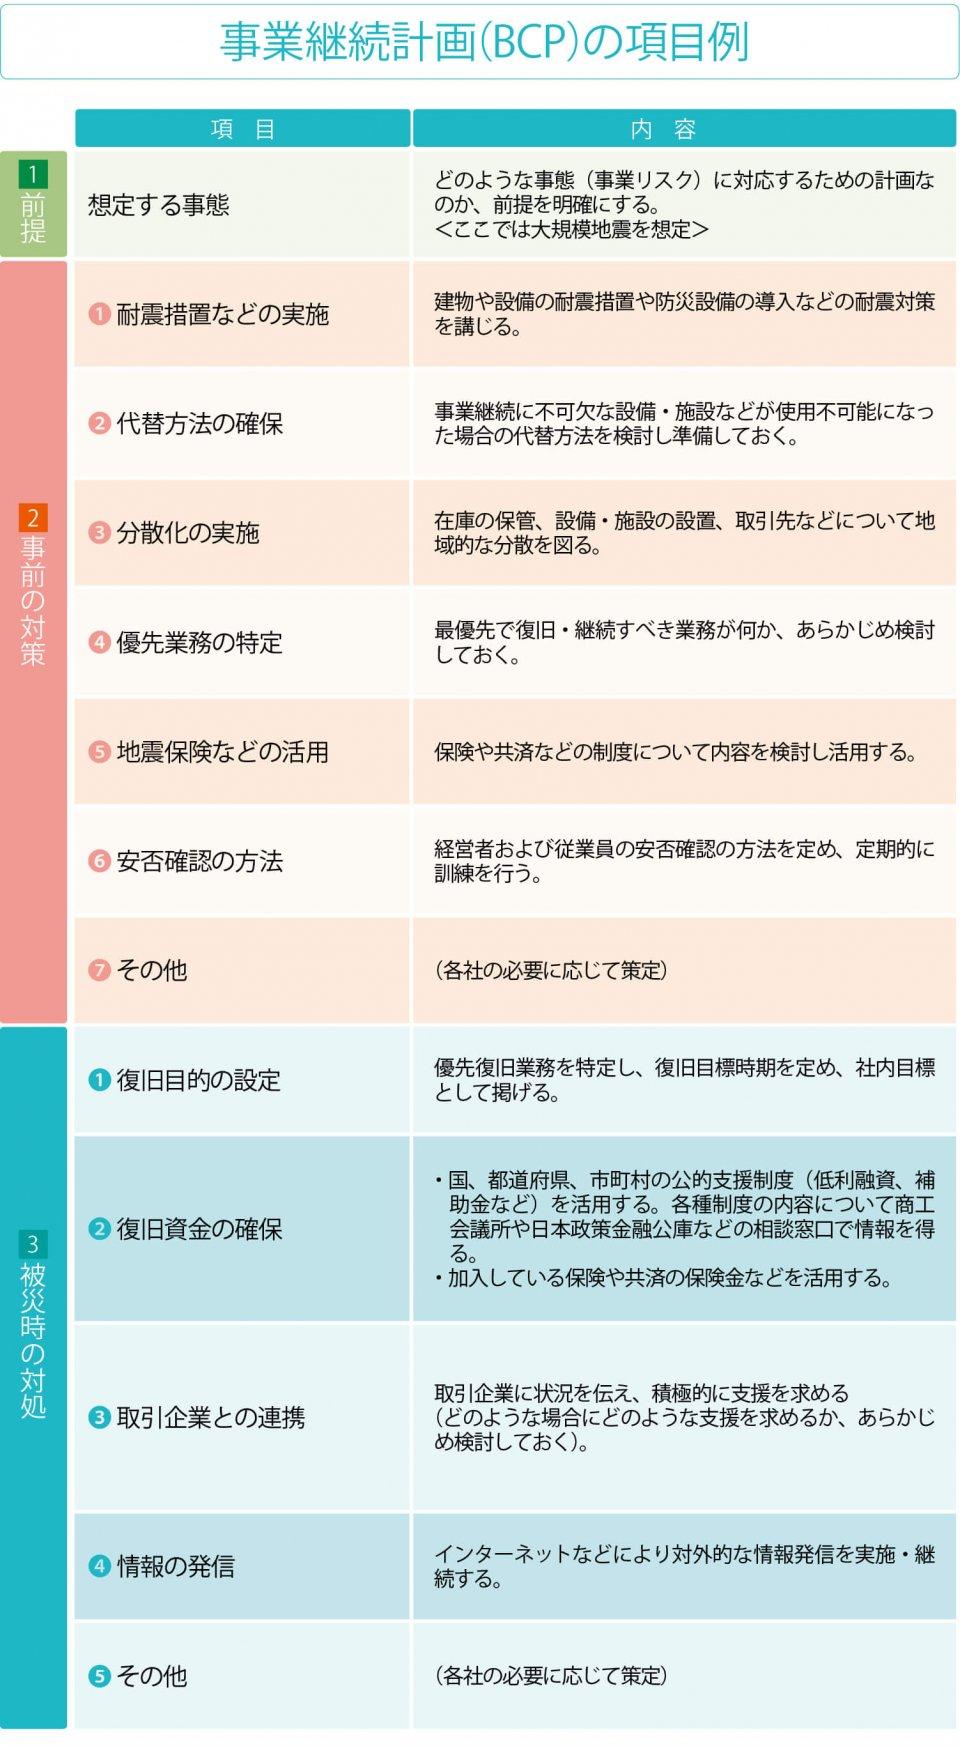 事業継続計画(BCP)の項目例 出典:中小企業庁発行「中小企業の事業継続計画(BCP)」より抜粋